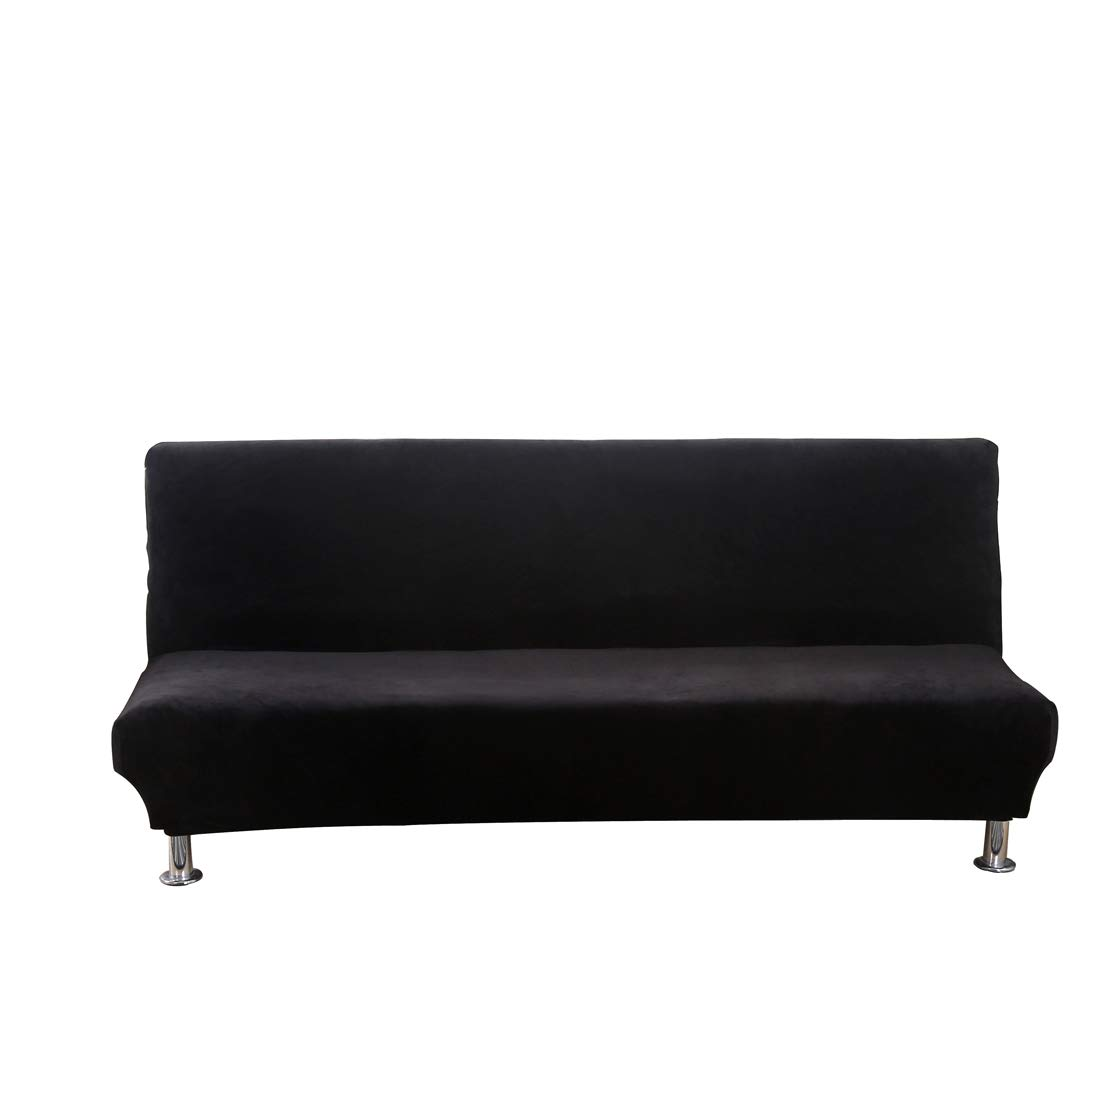 Funda de sofá clic-clac terciopelo epaisse extensible extraíble sin reposabrazos 180 - 210 cm - Funda universal para sofá-cama Stretch para casa oficina ...